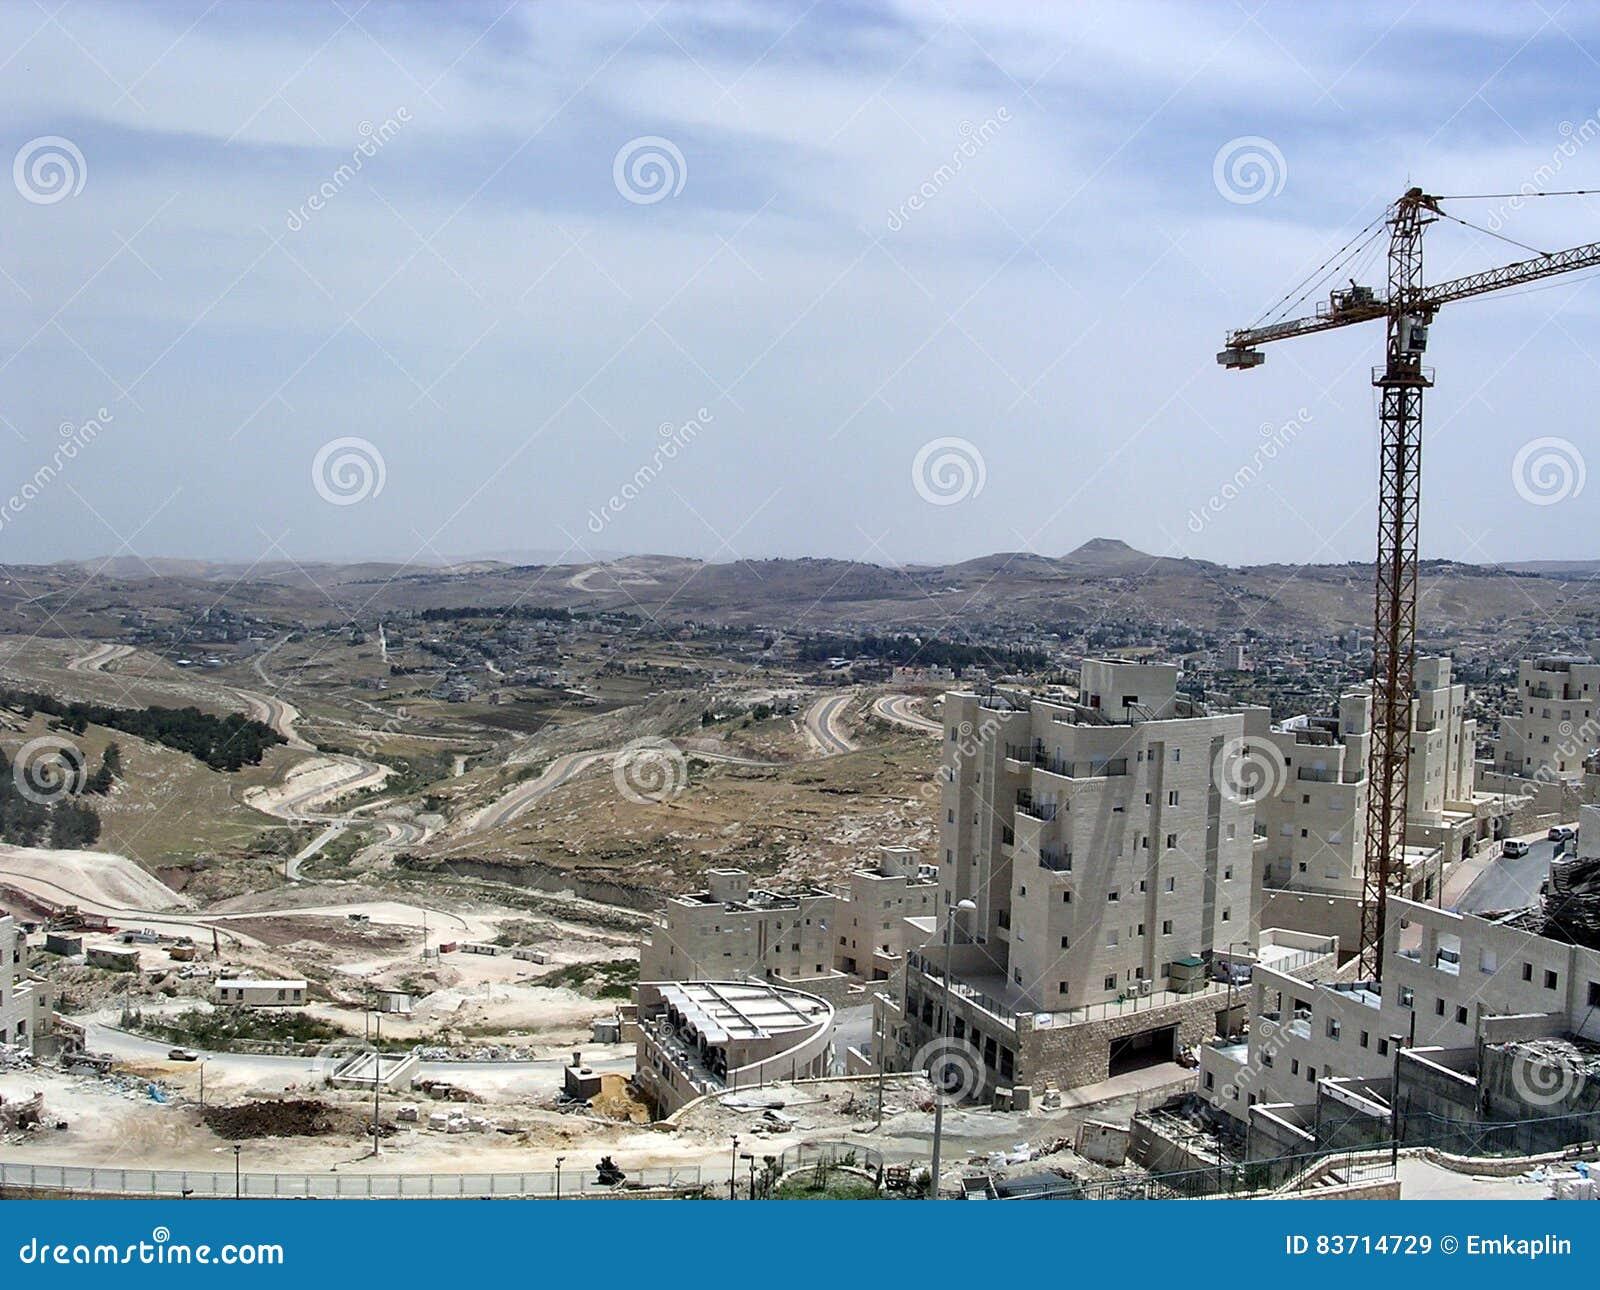 Jerusalem Har Homa May 2005 Stock Photo